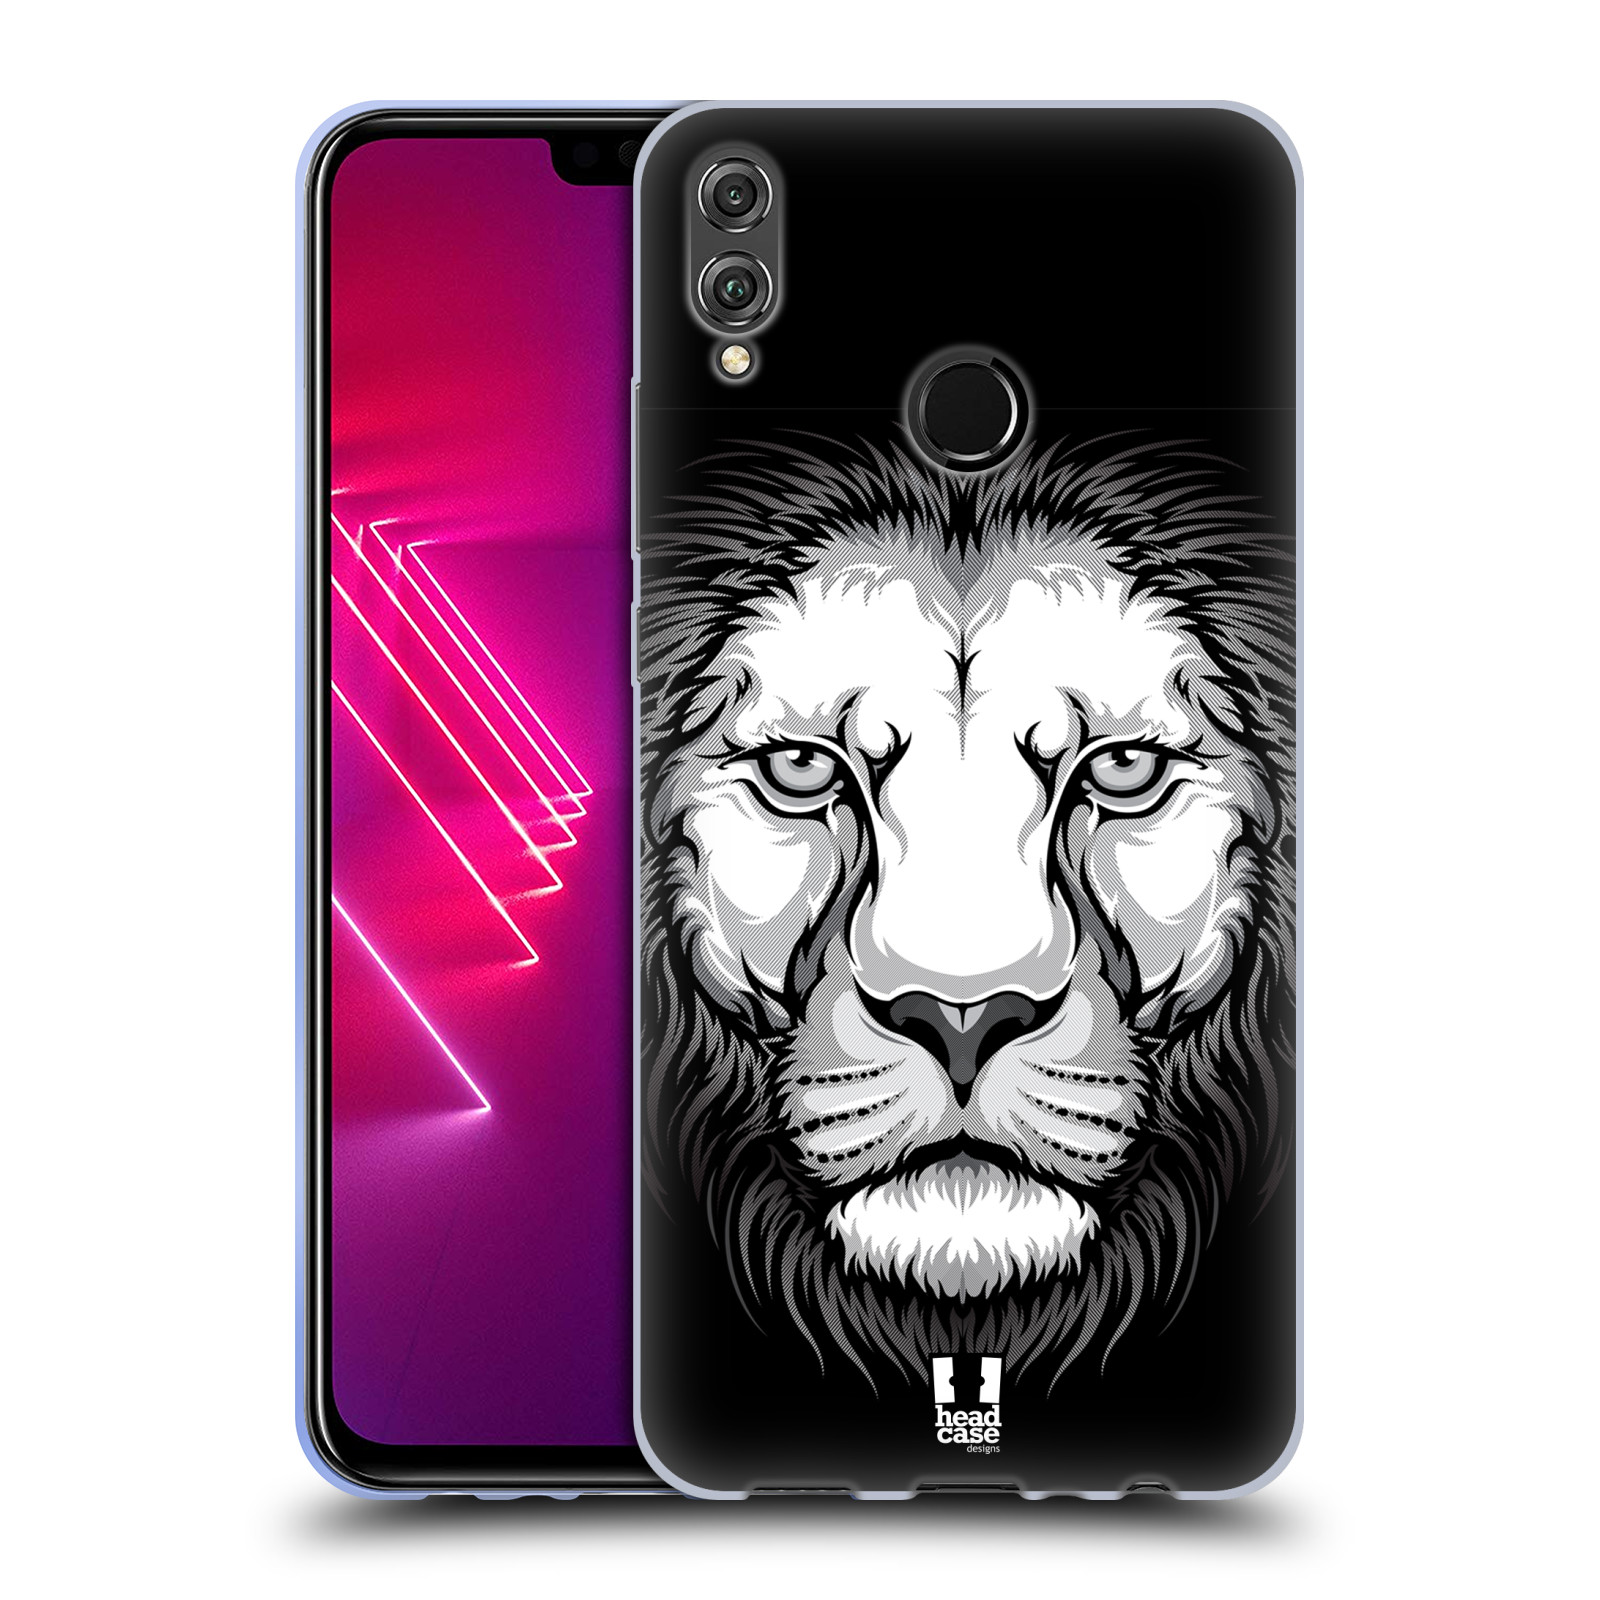 Silikonové pouzdro na mobil Honor View 10 Lite - Head Case - ILUSTROVANÝ LEV